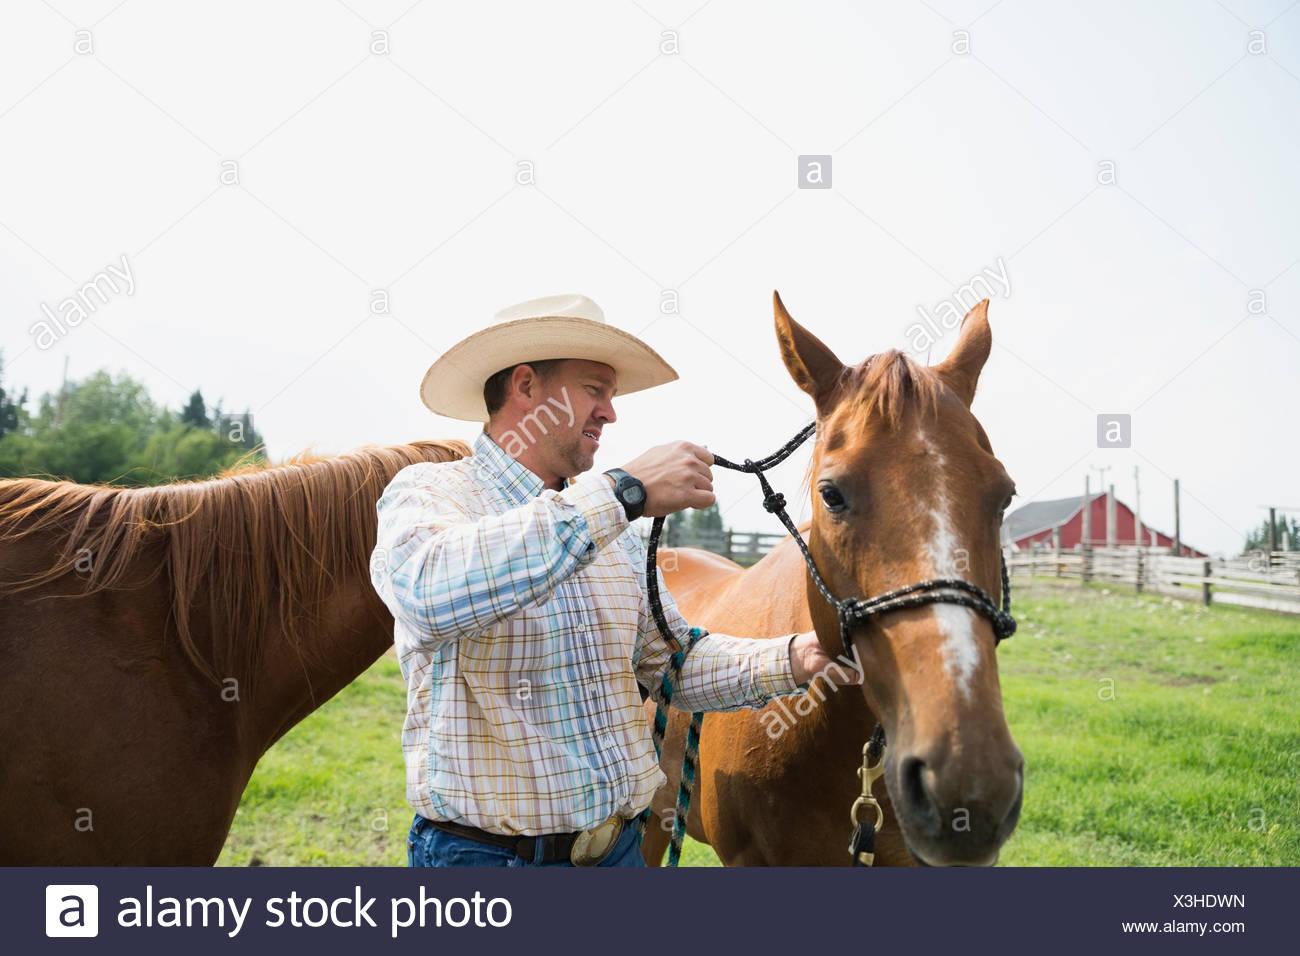 Ranchero virada hacia arriba de un caballo en la pastura Imagen De Stock